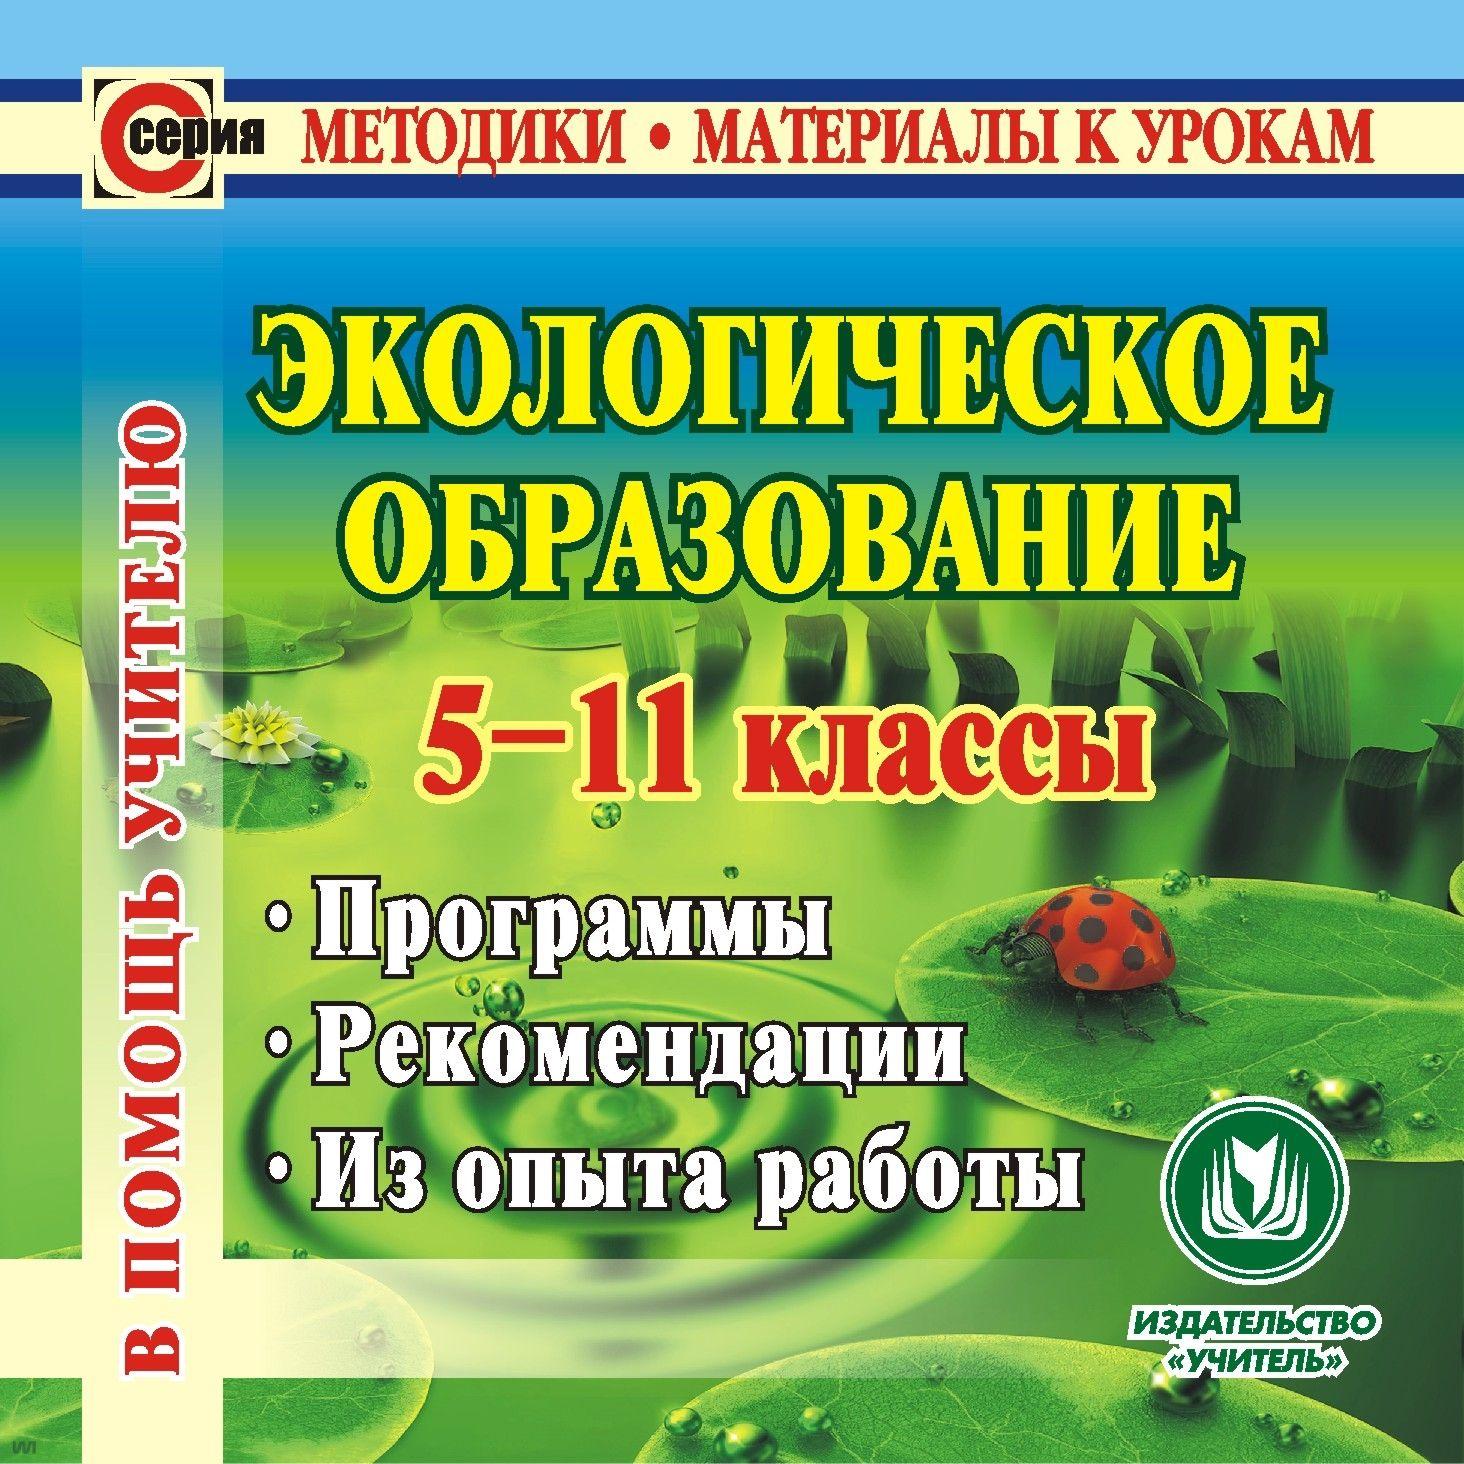 Экологическое образование. 5-11 классы. Компакт-диск для компьютера: Программы. Рекомендации. Из опыта работы.